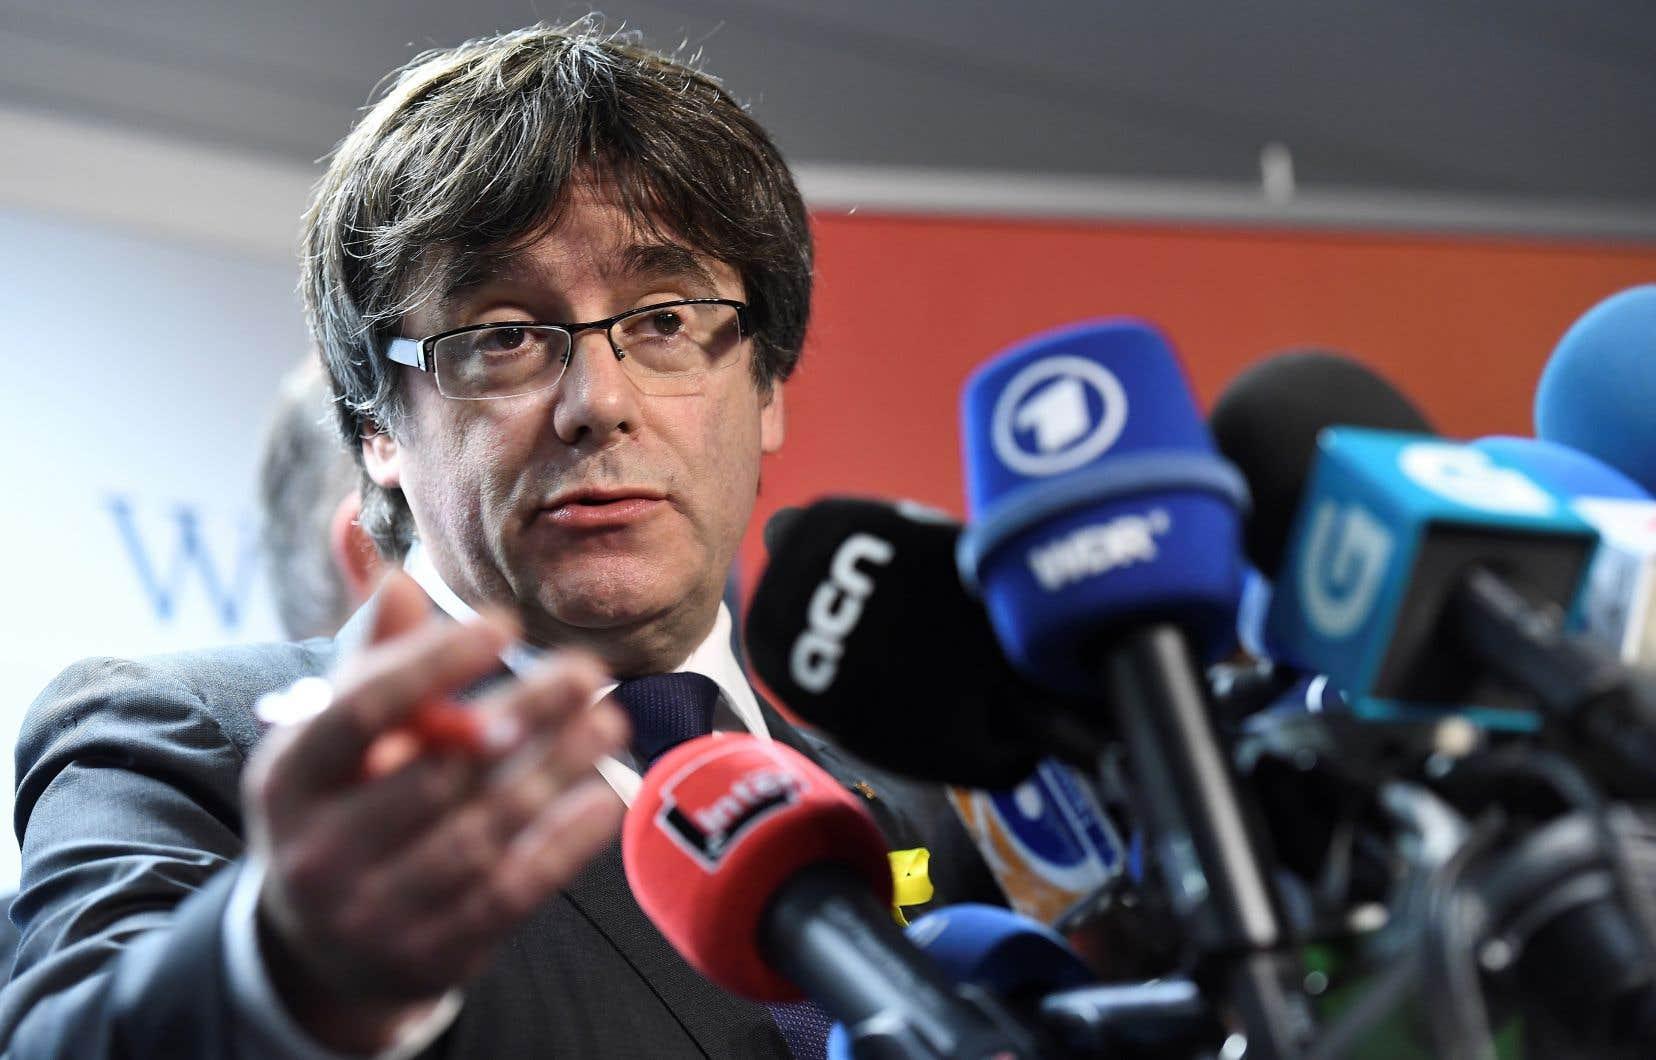 CarlesPuigdemont avait affirmé pendant la campagne qu'en cas de victoire il rétablirait le gouvernement destitué.